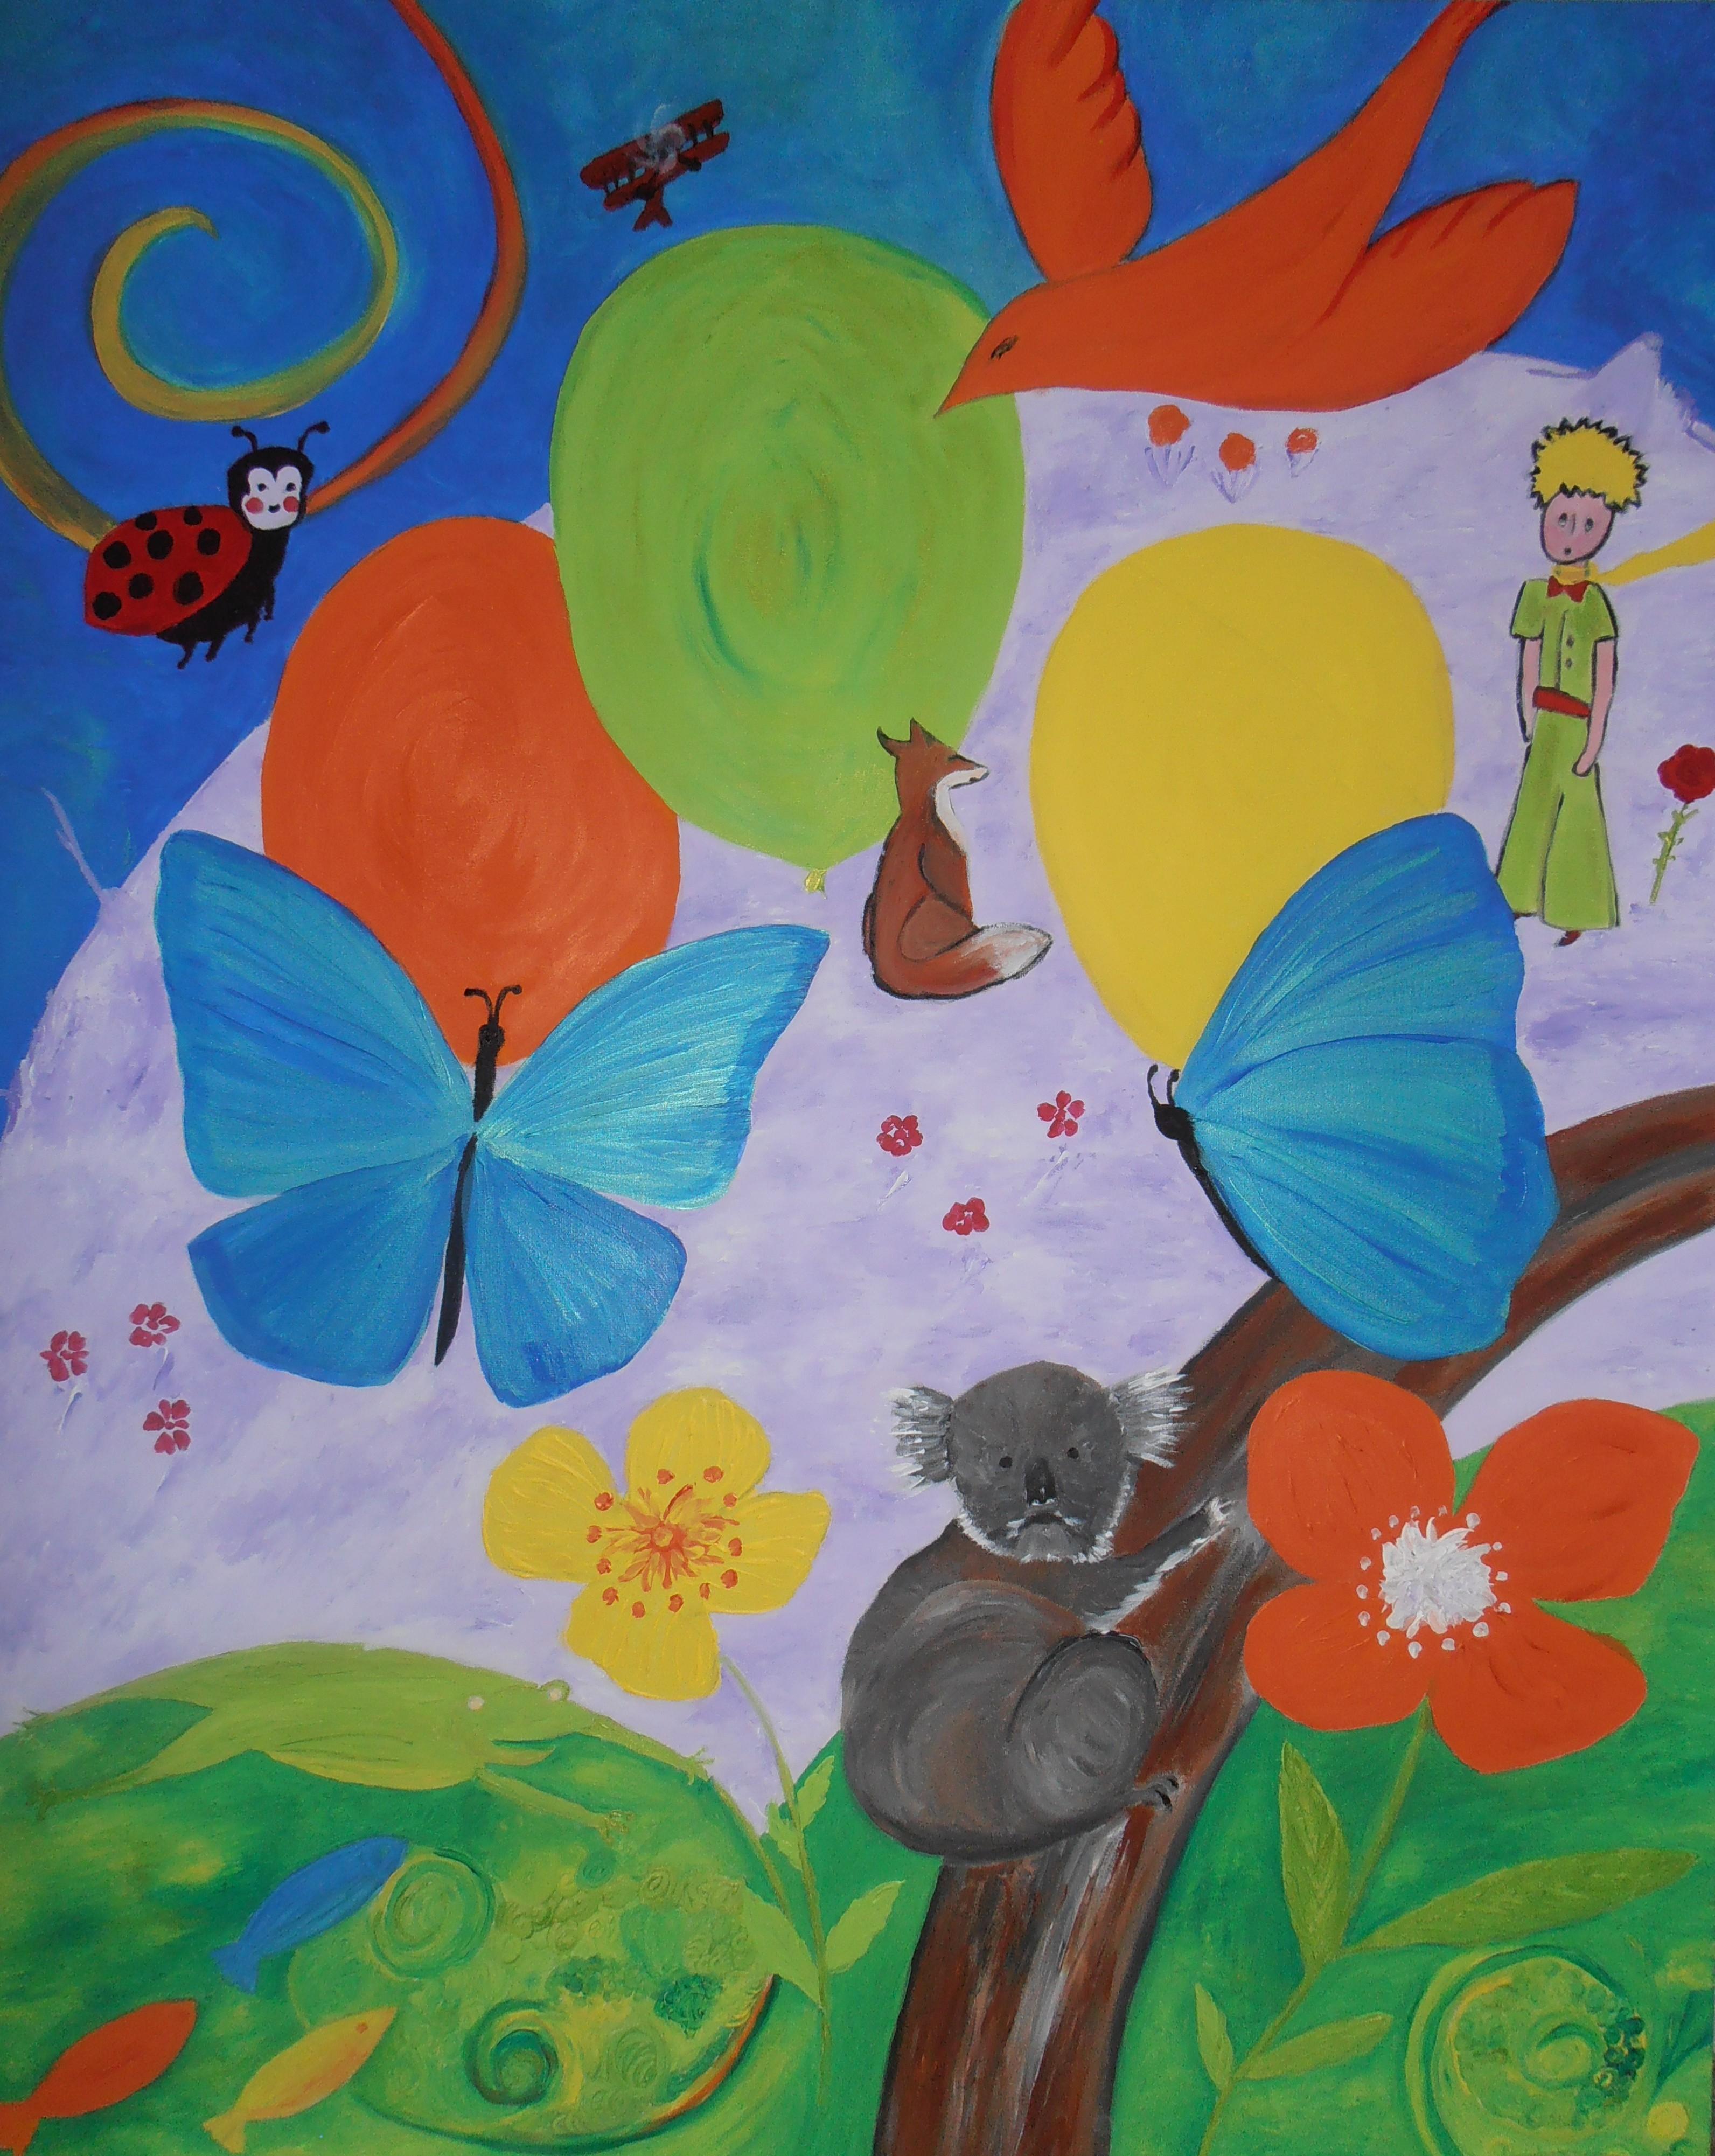 Tableaux Pour Enfants – Le Blog De Peintures D Edith intérieur Tableau De Peinture Pour Enfant